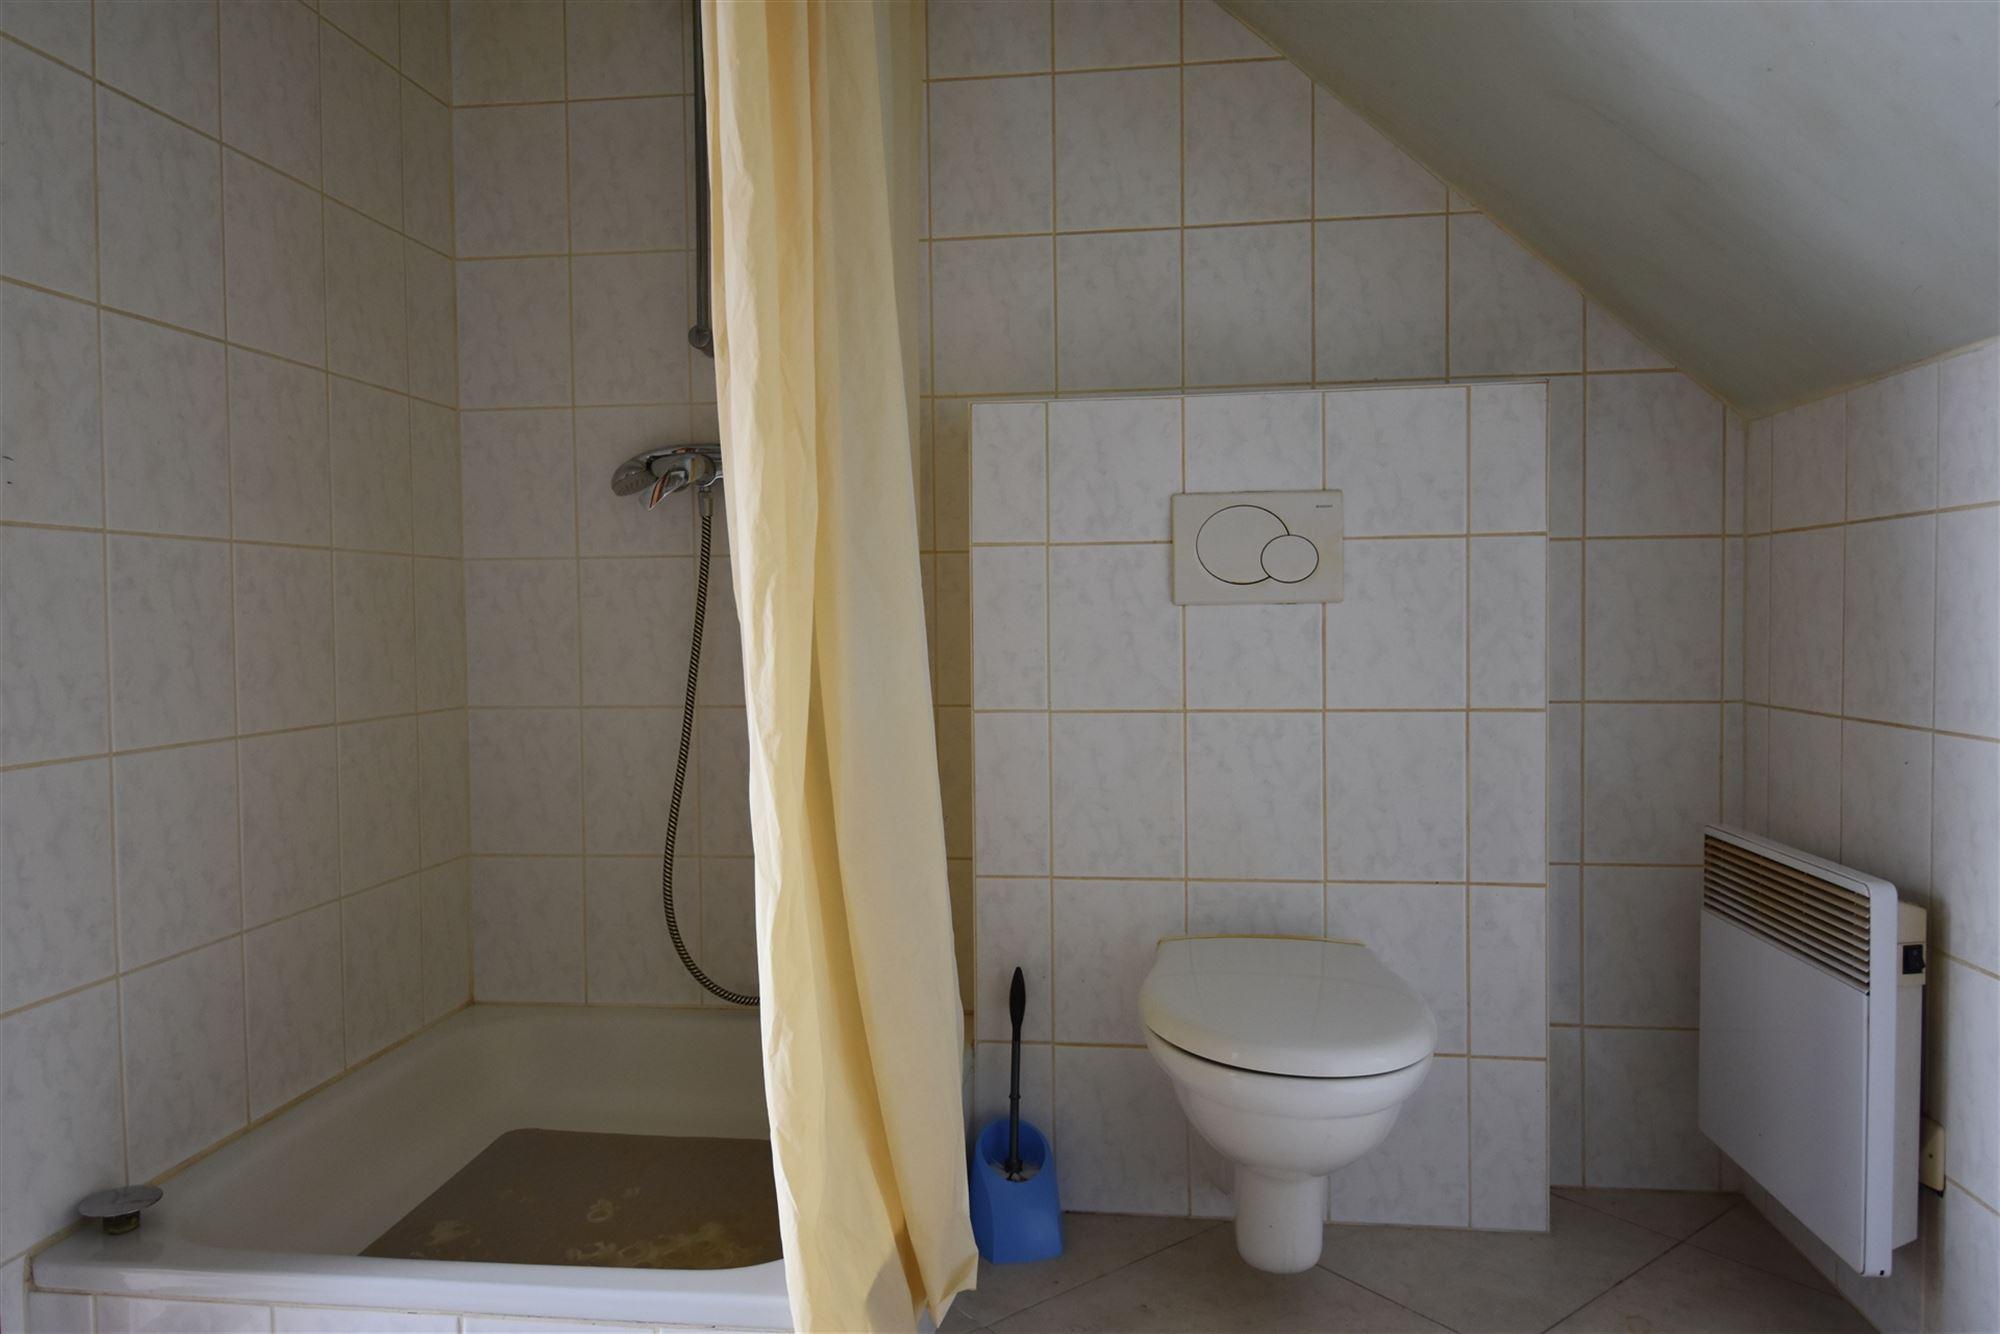 Studio met kitchenette en volwaardige badkamer met douche, toilet, lavabo en aansluiting voor wasmachine en droogkast. Terrasje met zicht op centrum L...